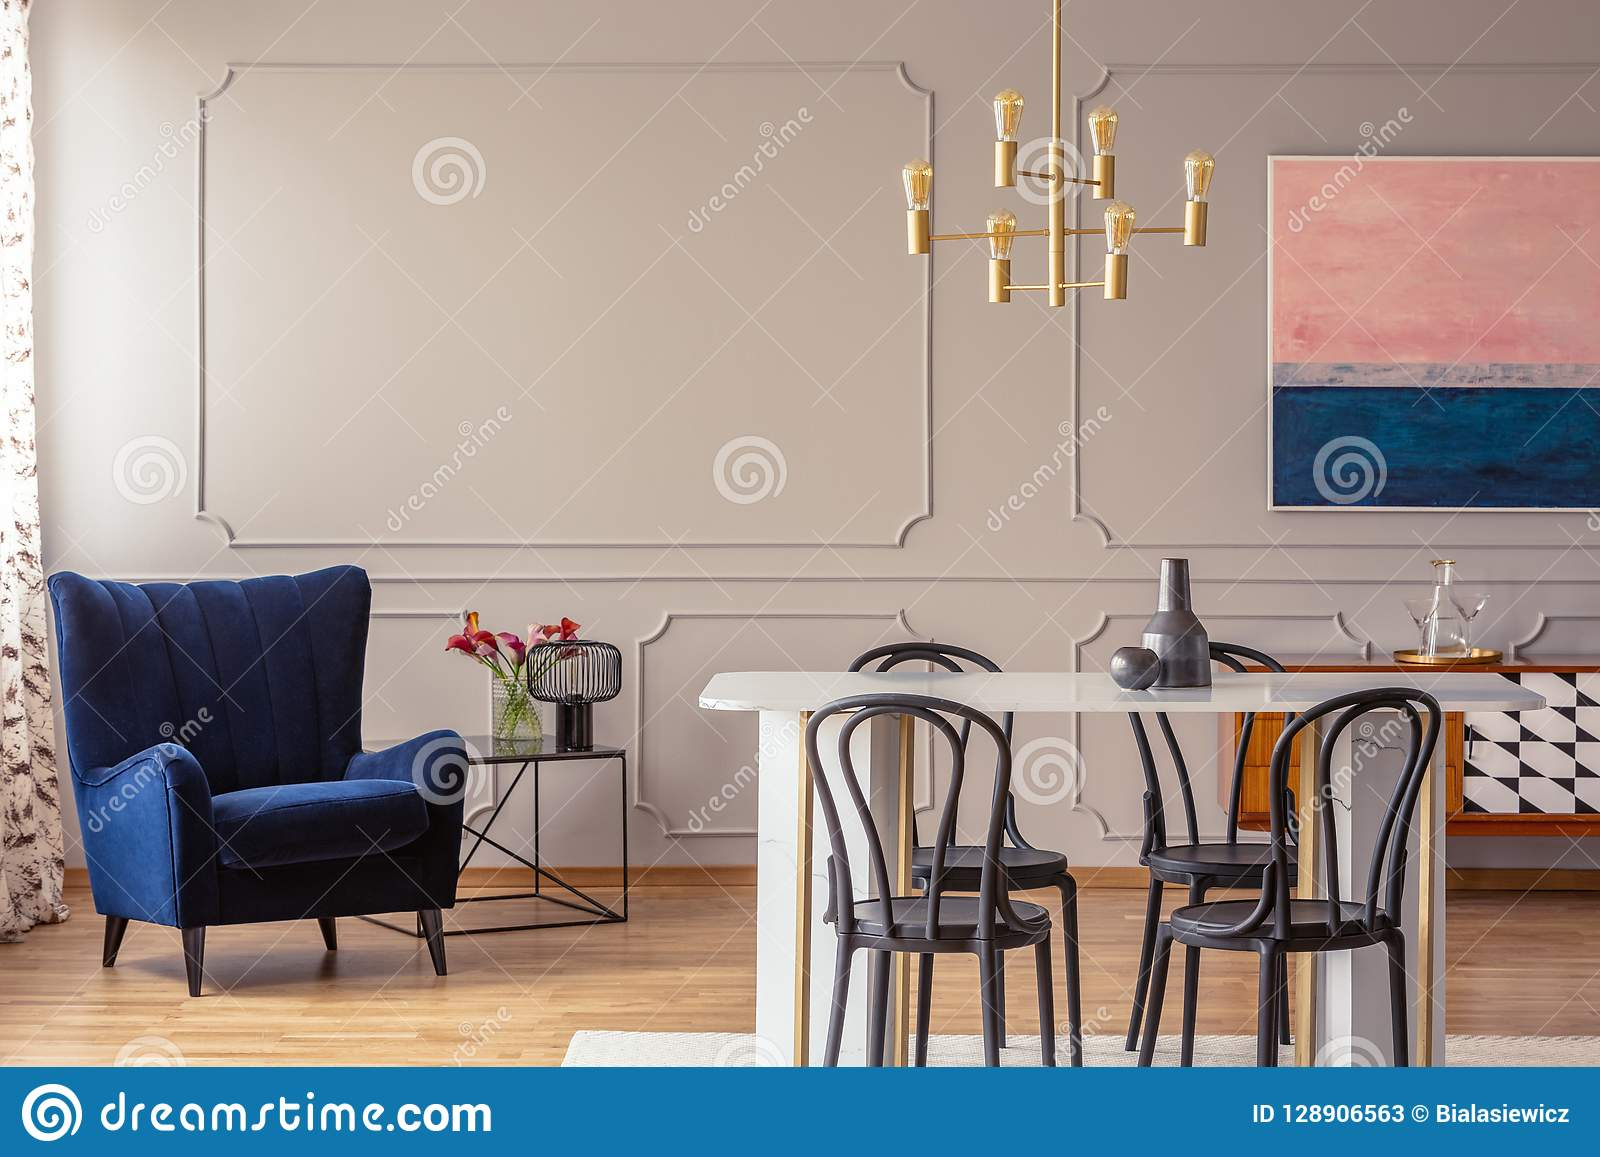 Escuro - poltrona azul em um interior da sala de jantar com uma tabela, umas cadeiras e uma lâmpada dourada